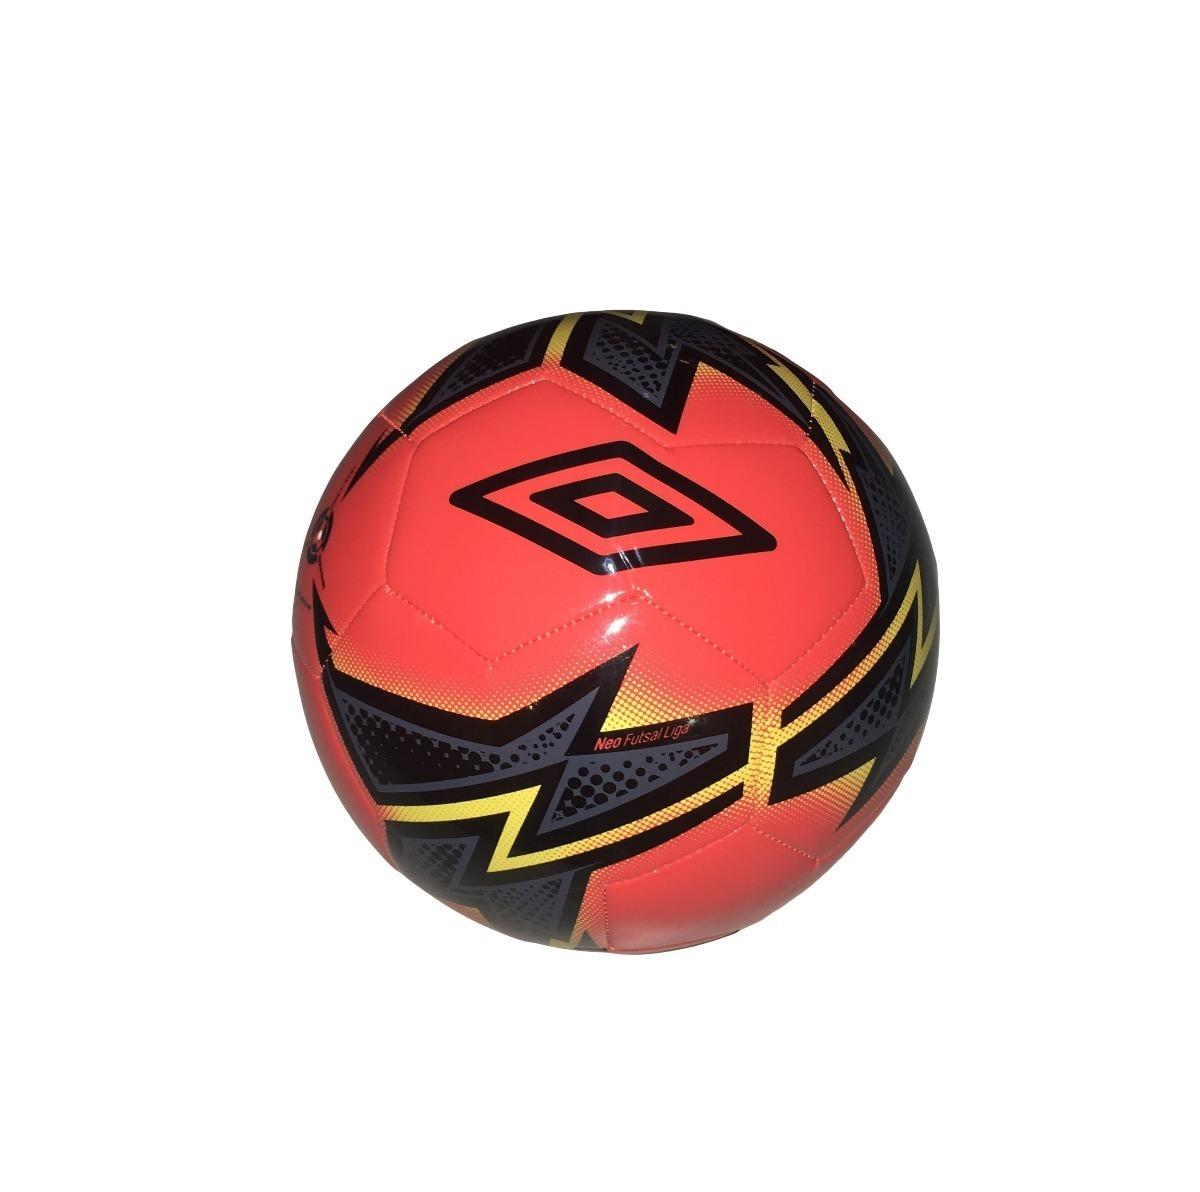 c6e35d1a1f pelota umbro nro.4 medio pique futsal neo liga futbol. Cargando zoom.